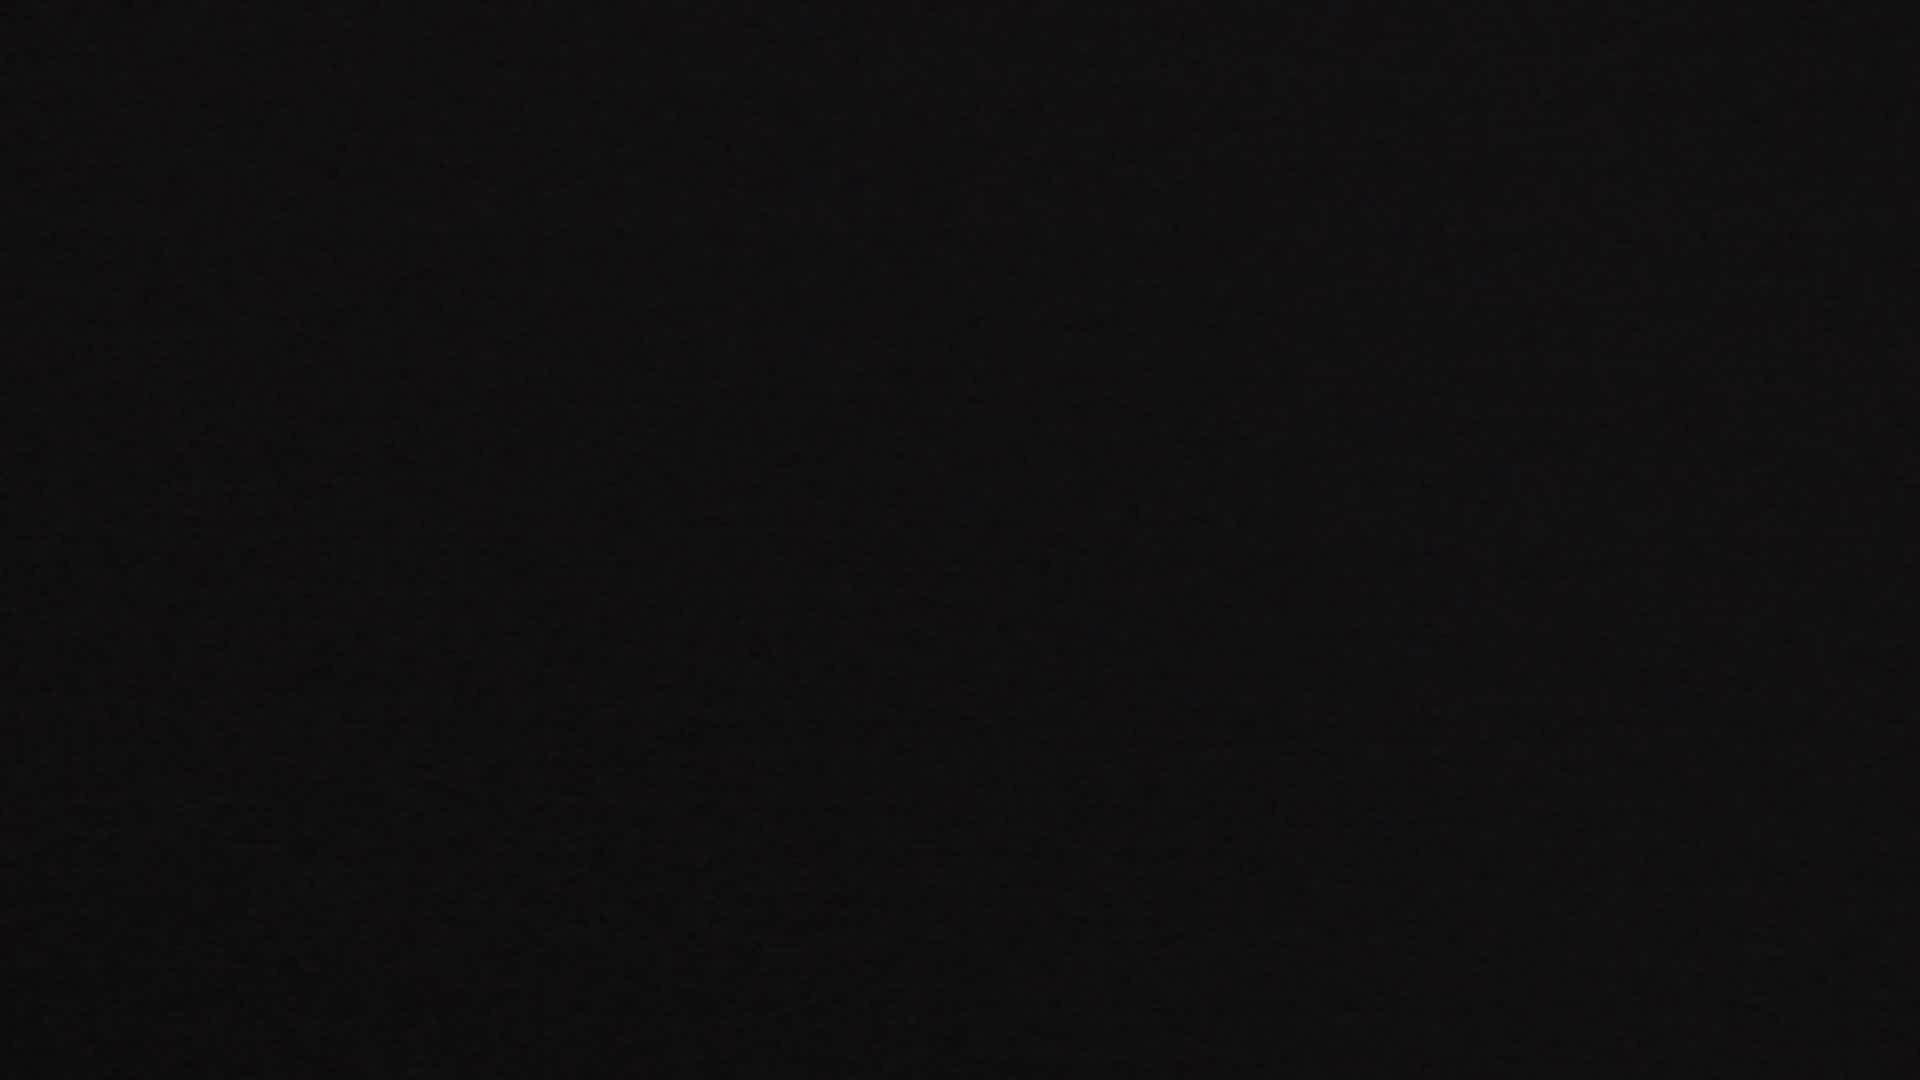 世界の射窓から ステーション編 vol.18 ゴン太 推定600g超過 高画質 われめAV動画紹介 94枚 89